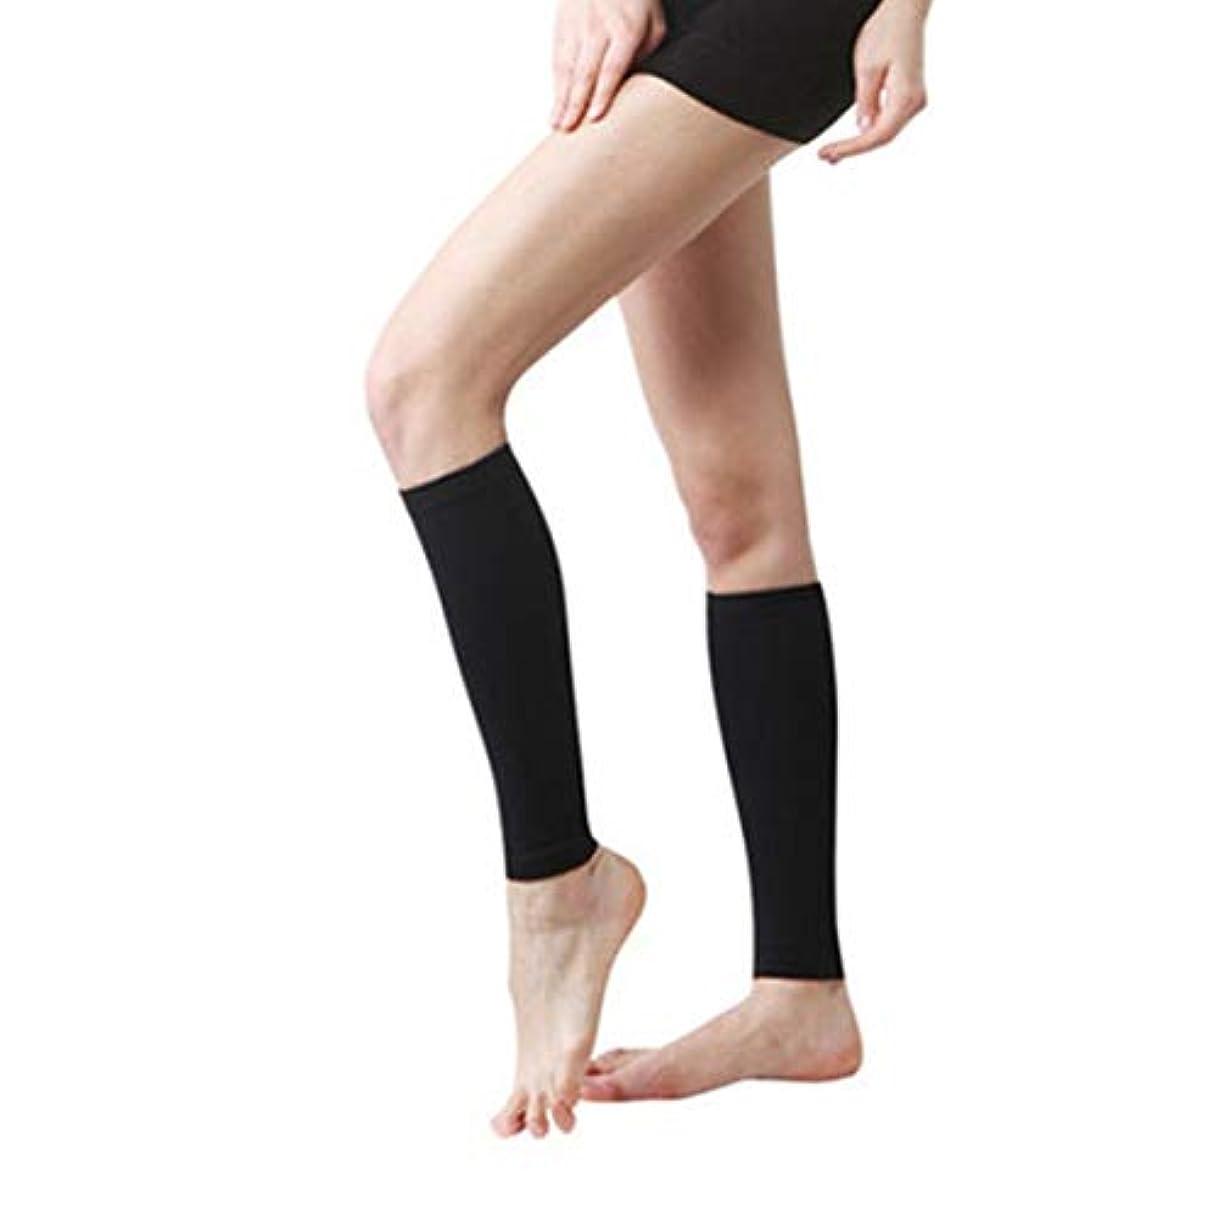 毛皮ぼかし煙丈夫な男性女性プロの圧縮靴下通気性のある旅行活動看護師用シンススプリントフライトトラベル - ブラック